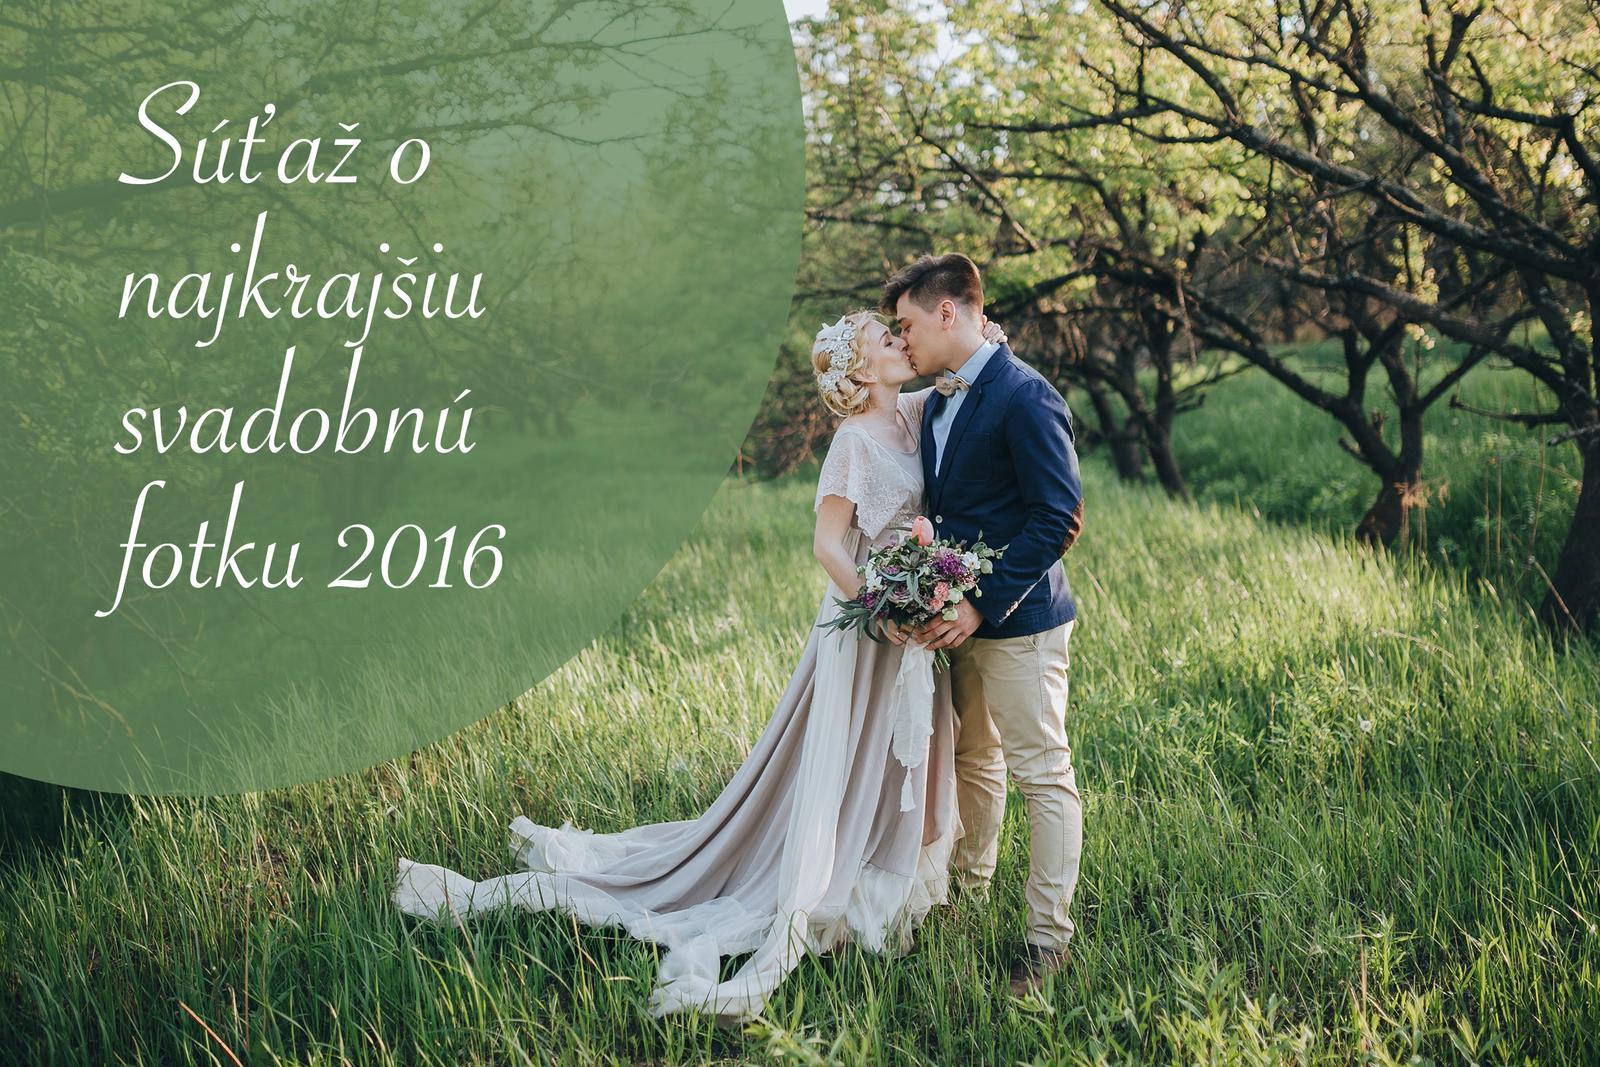 Aj tento rok tu máme súťaž o najkrajšiu svadobnú fotku minulej svadobnej sezóny. Nevesty 2016, už ste sa zapojili? :) https://www.mojasvadba.sk/forum/mojasvadba-sk/sutaz-hladame-najkrajsiu-svadobnu-fotku-roka-2016-na-mojasvadba-sk-2/ - Obrázok č. 1